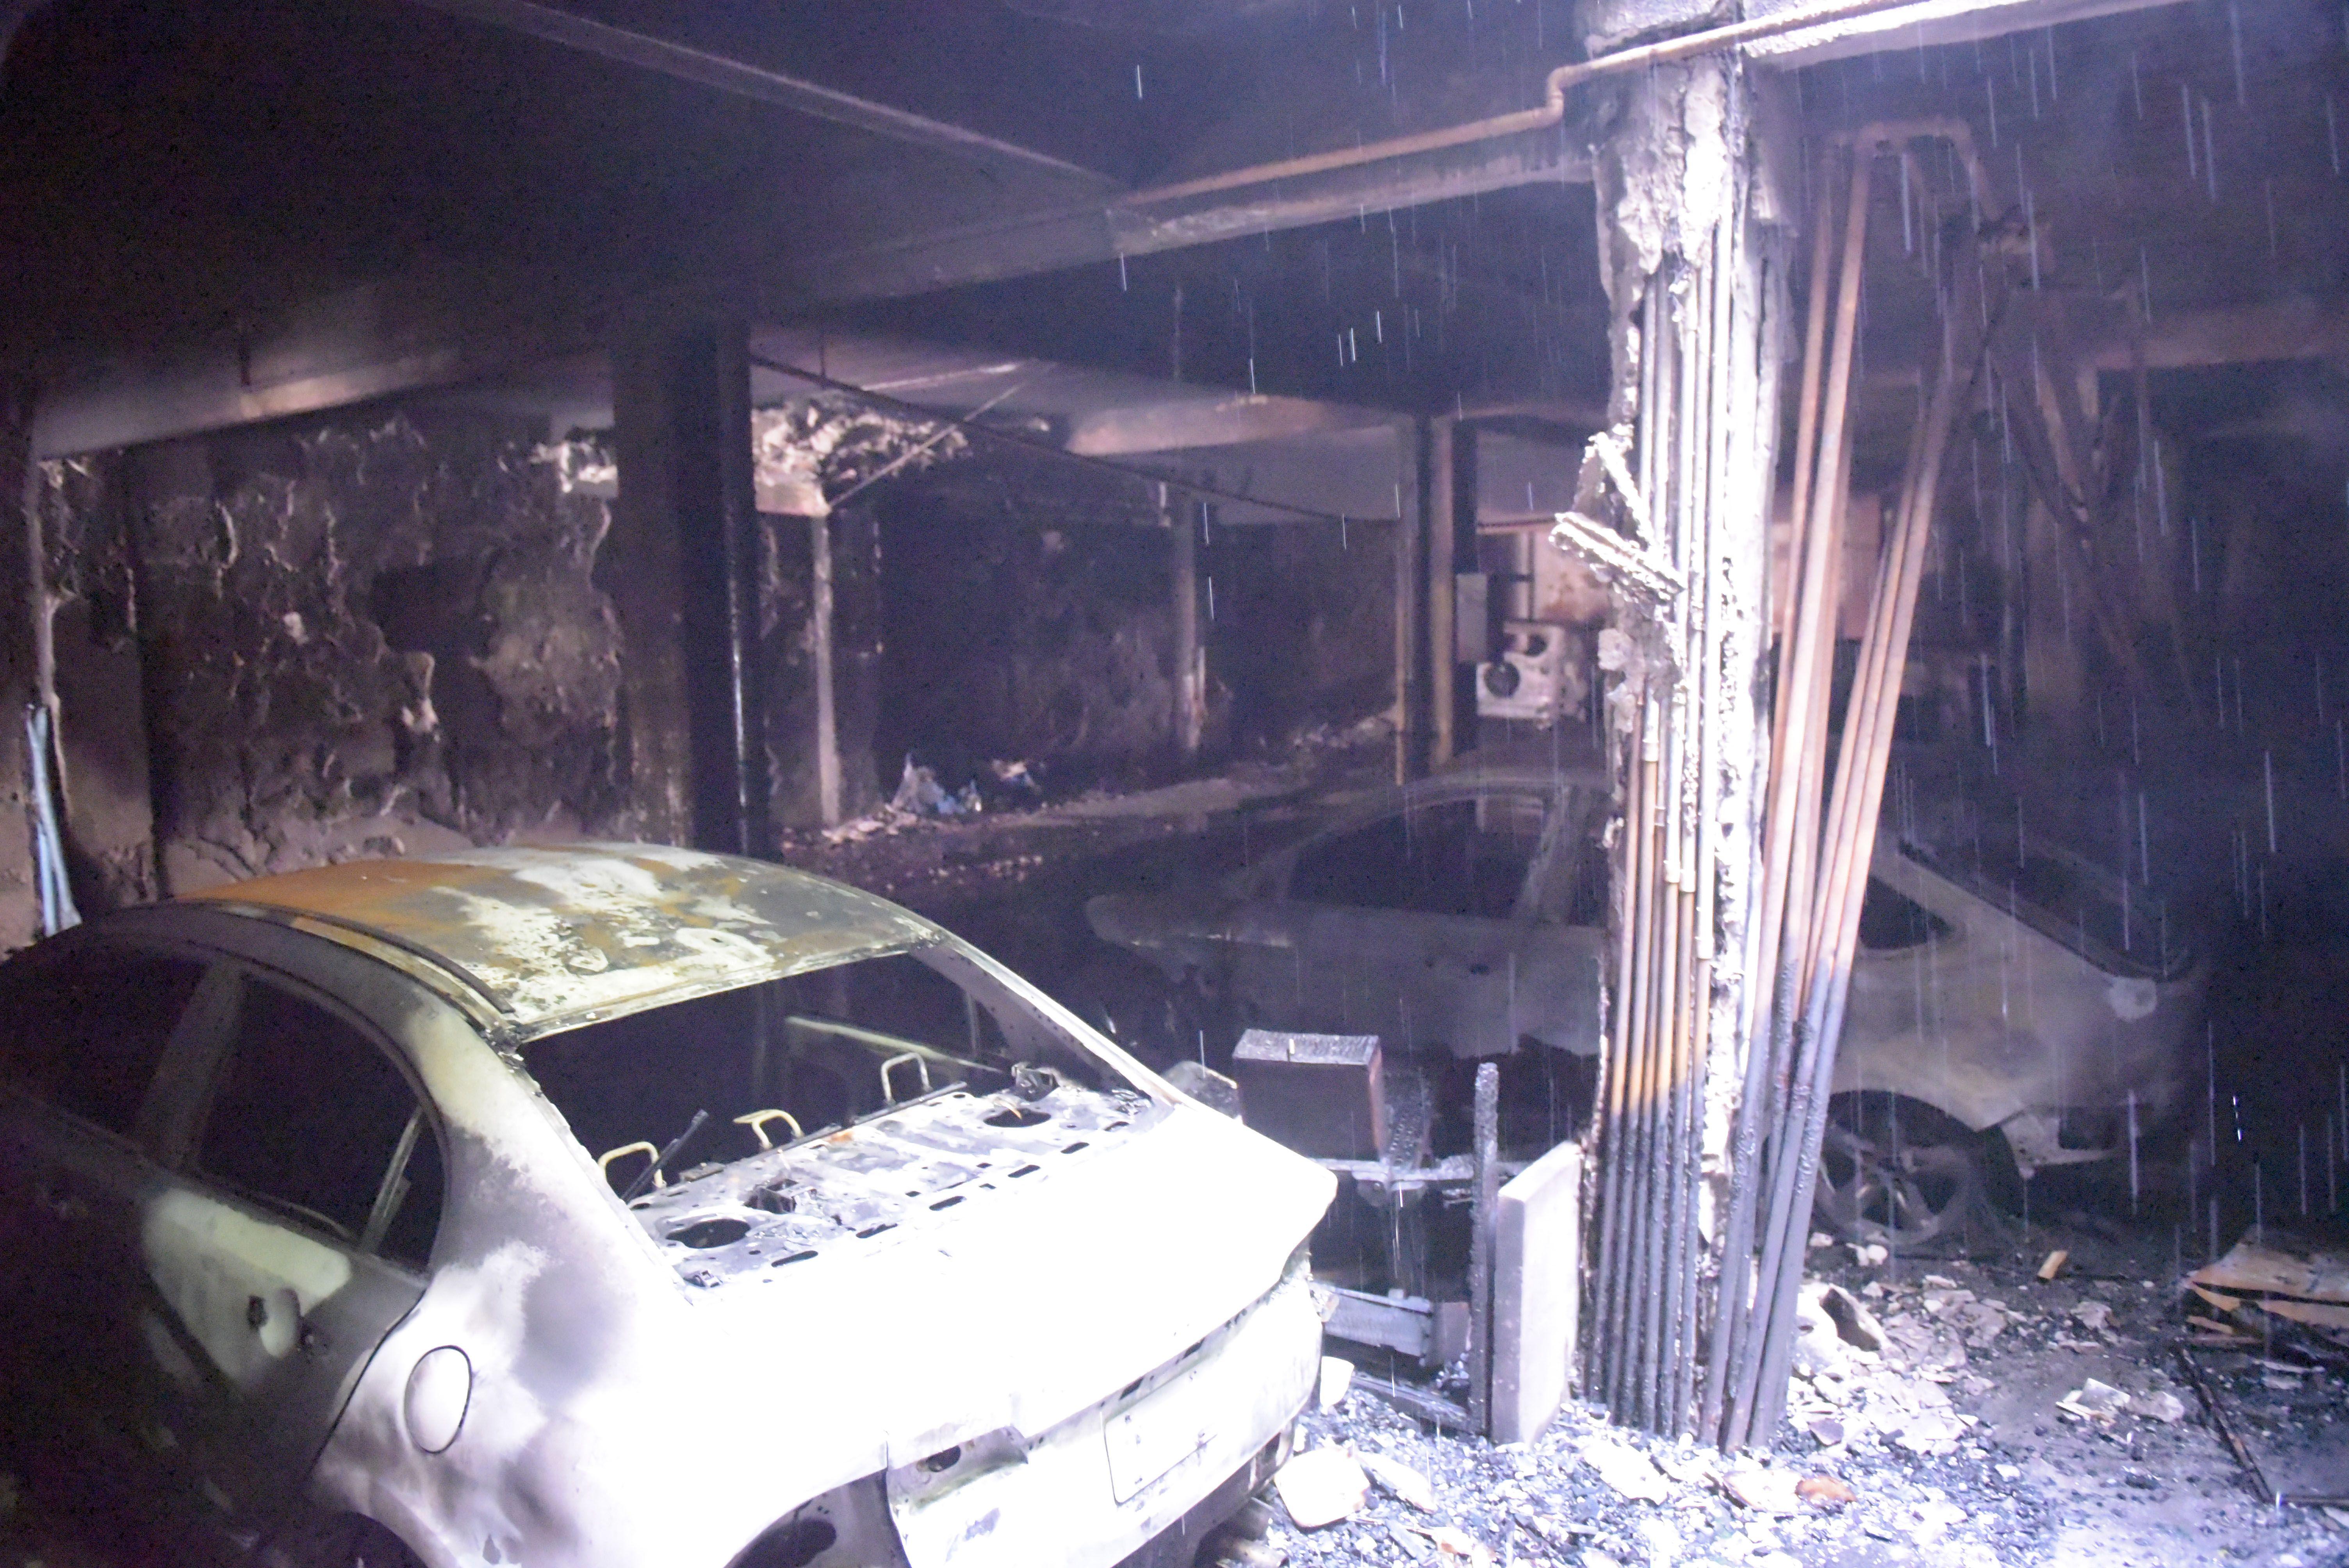 El incendio desatado en la cochera del edificio de Laprida 972